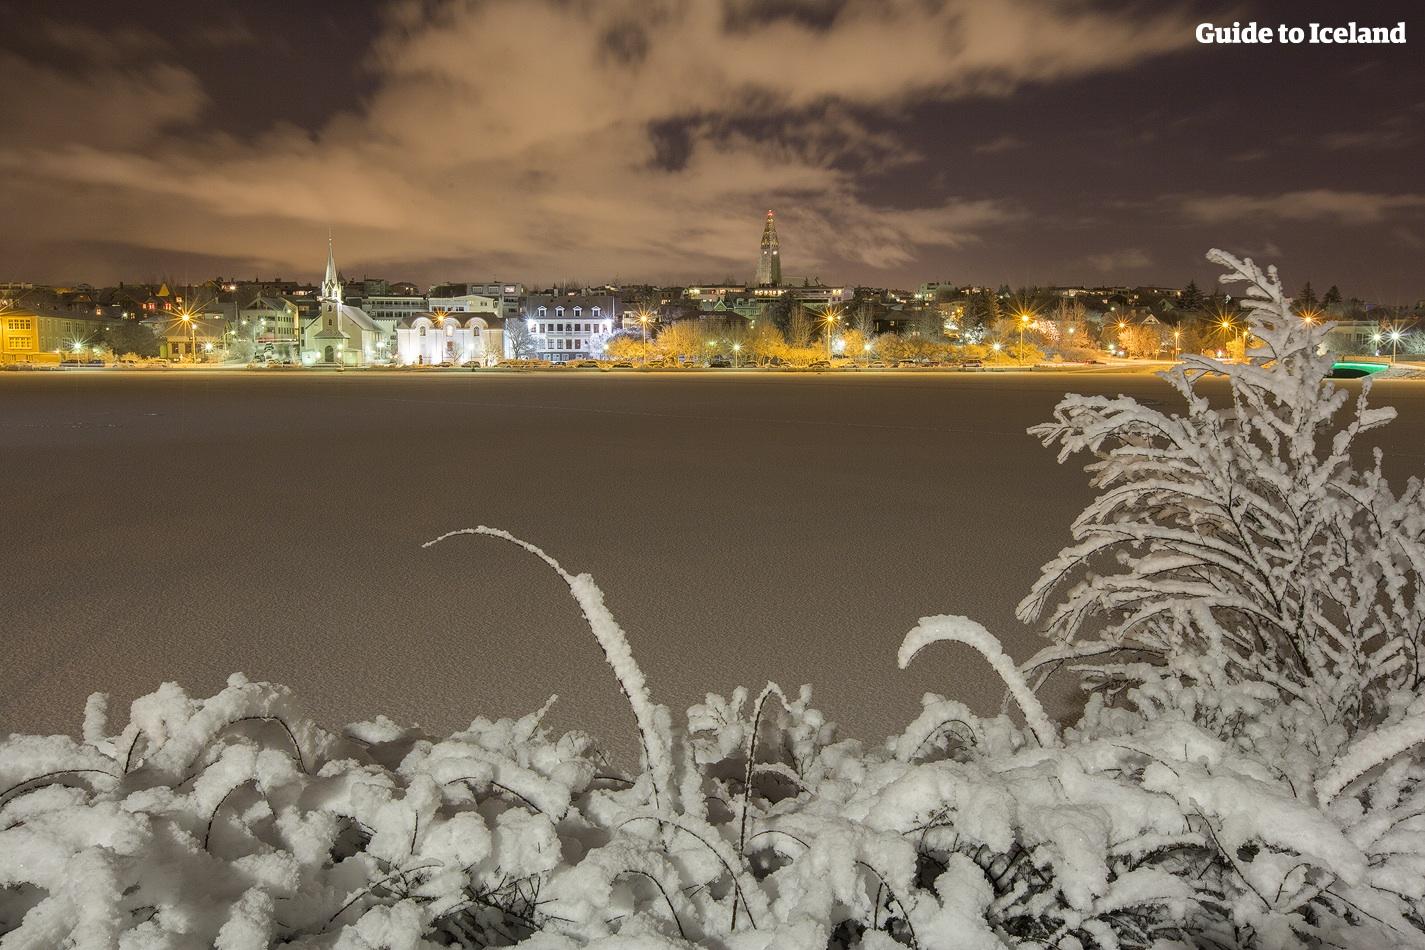 12-дневный зимний автотур   Кольцевая дорога Исландии и полуостров Снайфелльснес - day 1